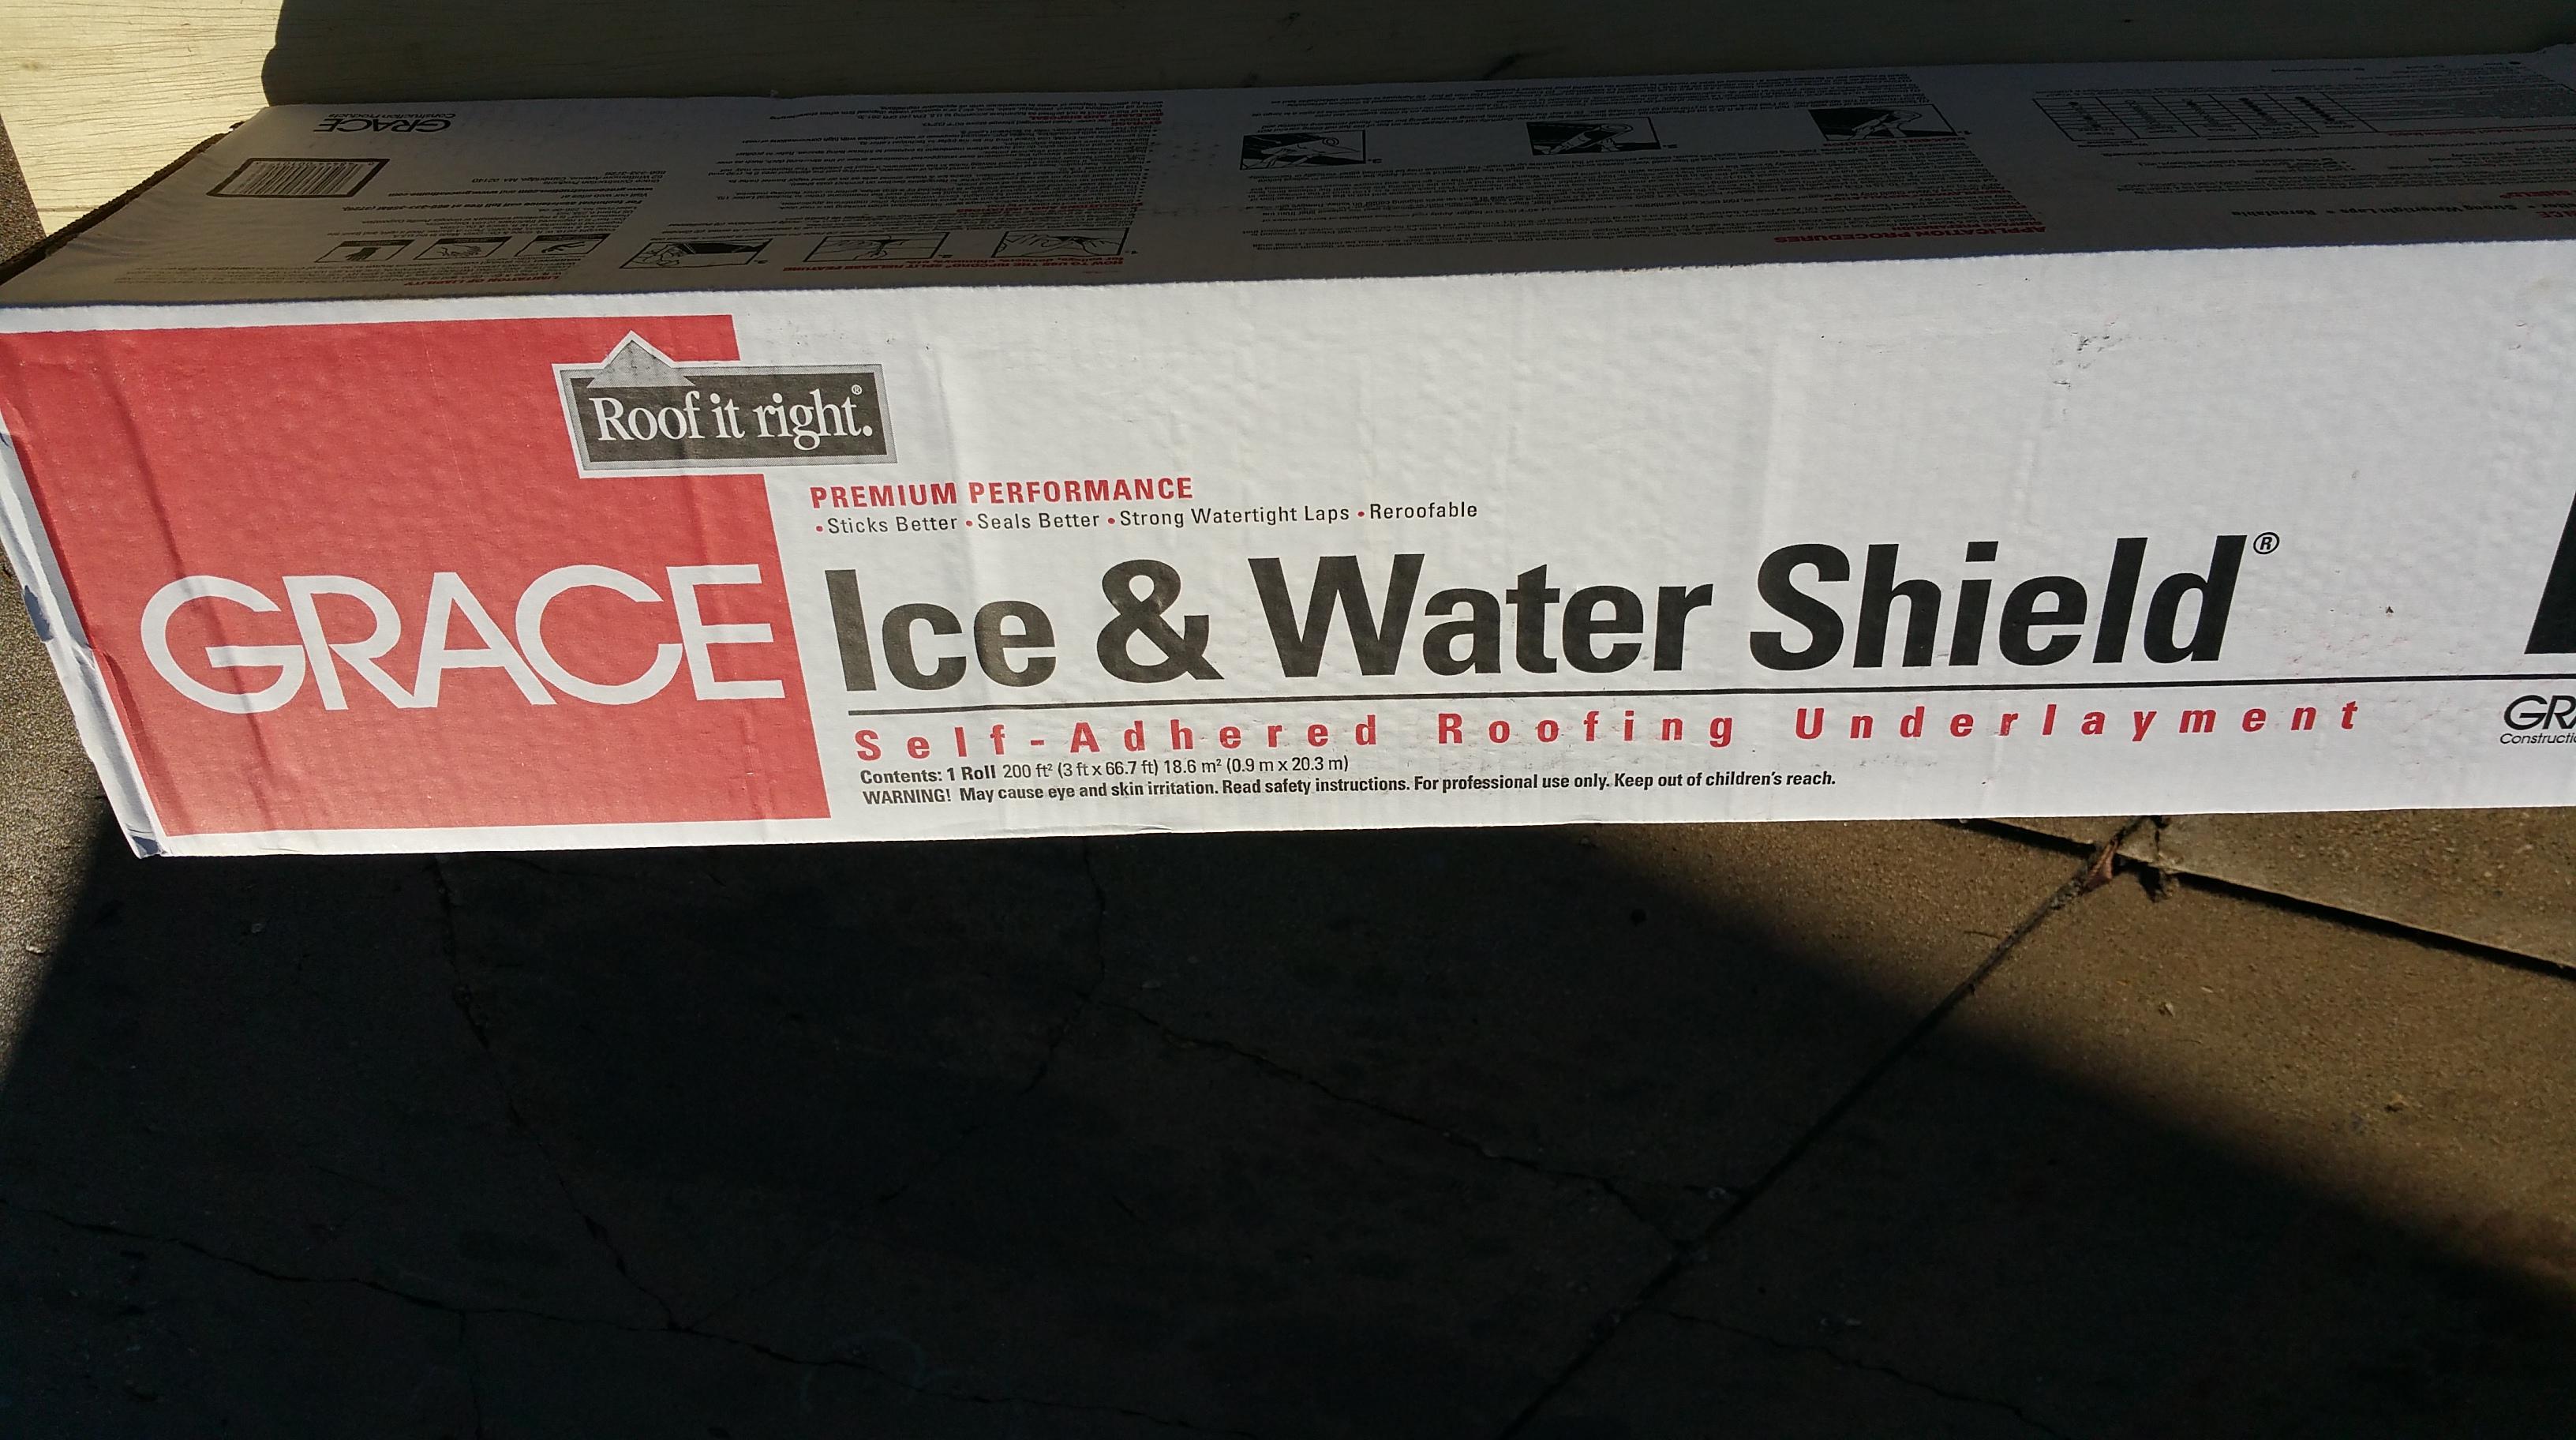 grace-ice-water-shield